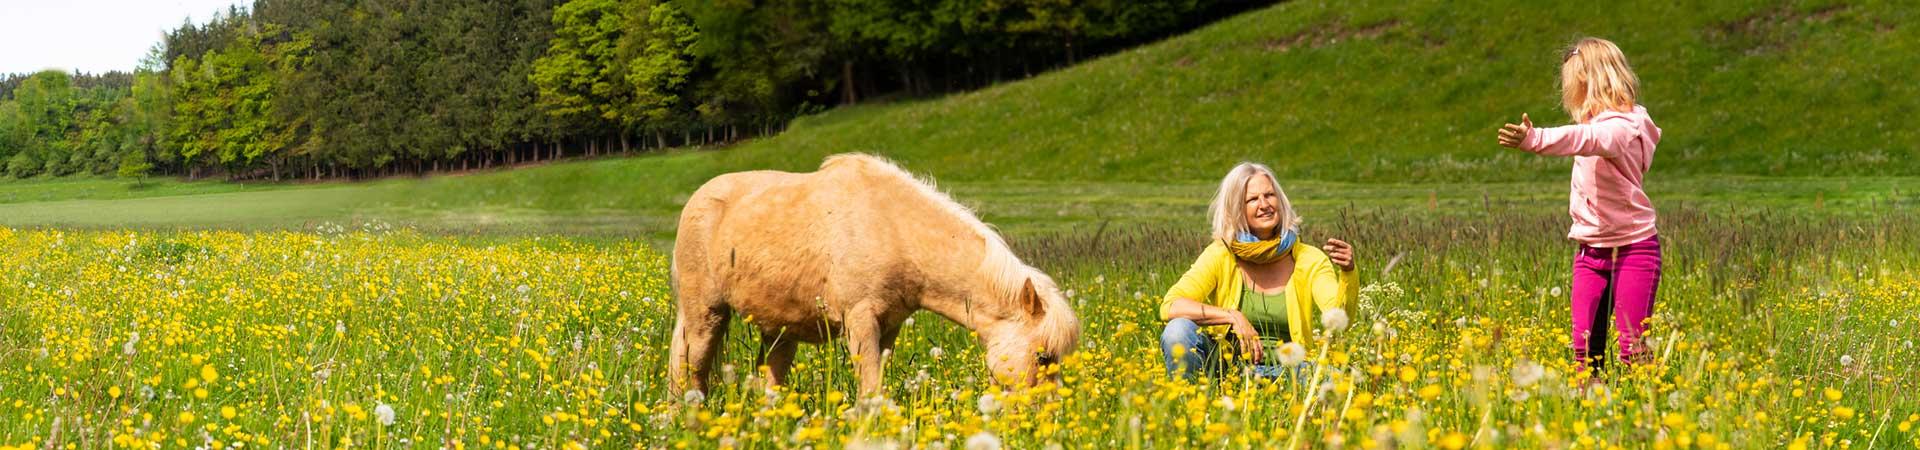 Kinder erleben Pony und Reiten mit Sonja Schett spezieller Reitunterricht in Bayern bei Salzburg im Raum Traunstein